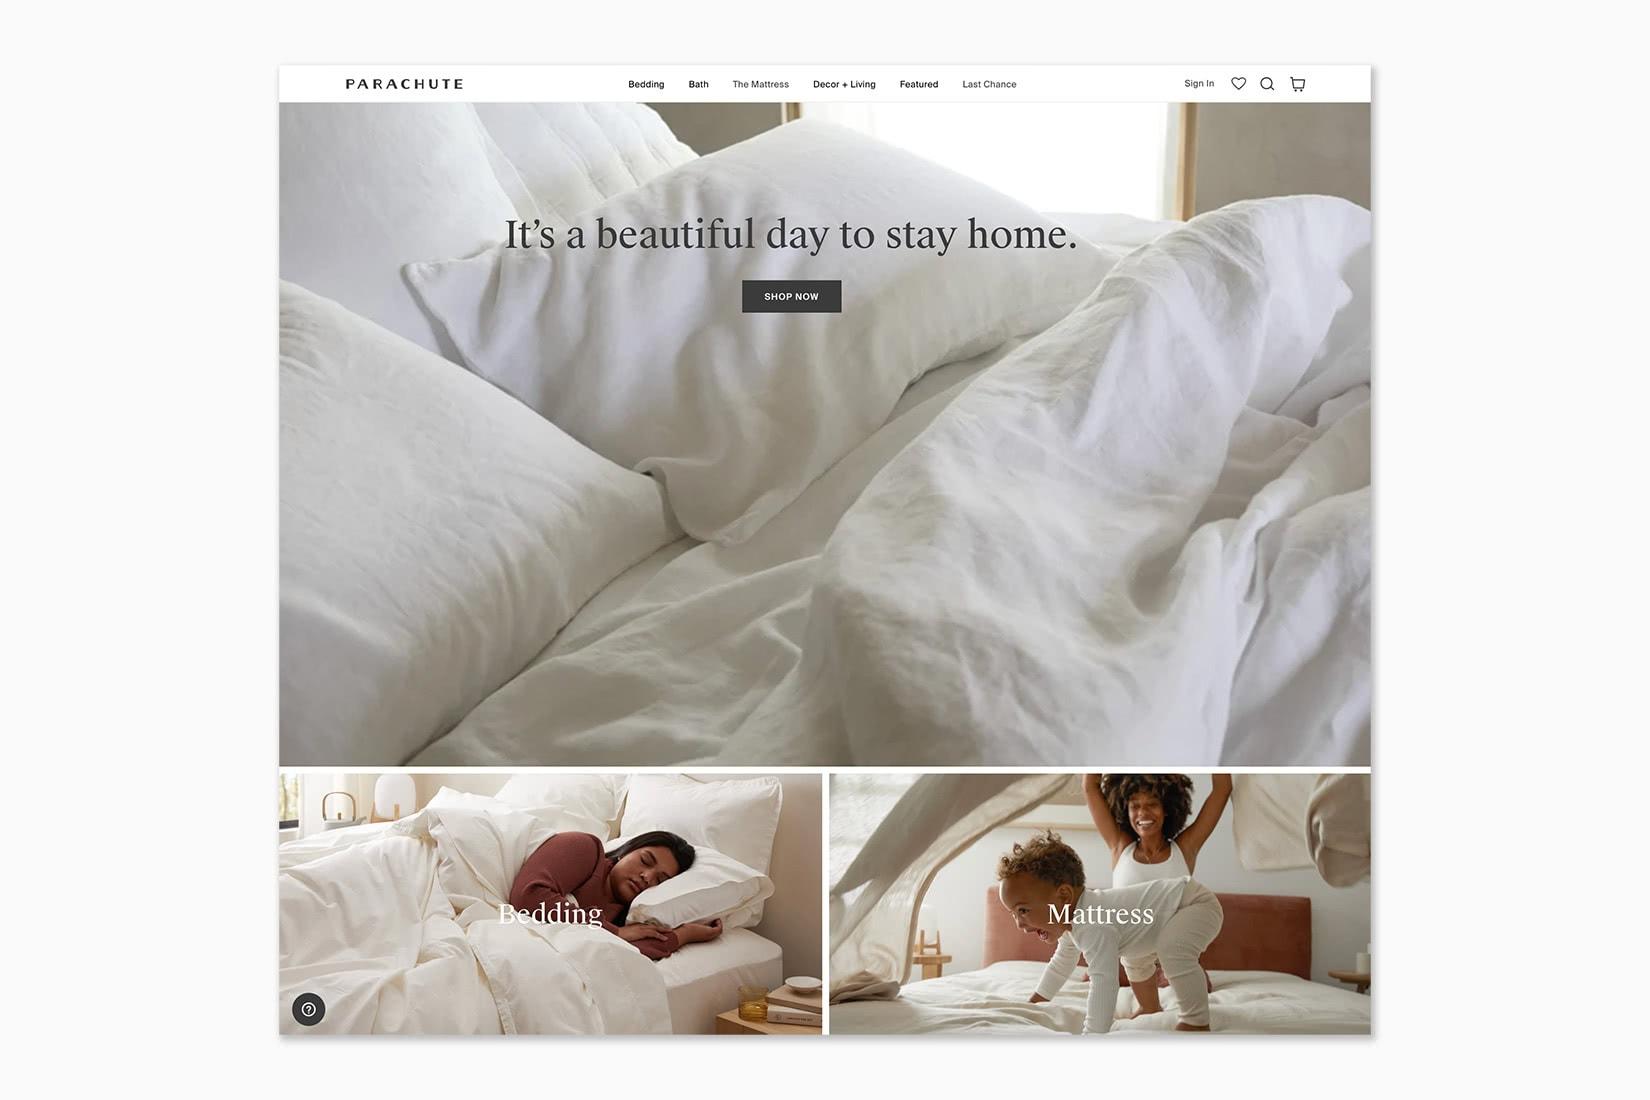 best online shopping sites women Parachute - Luxe Digital